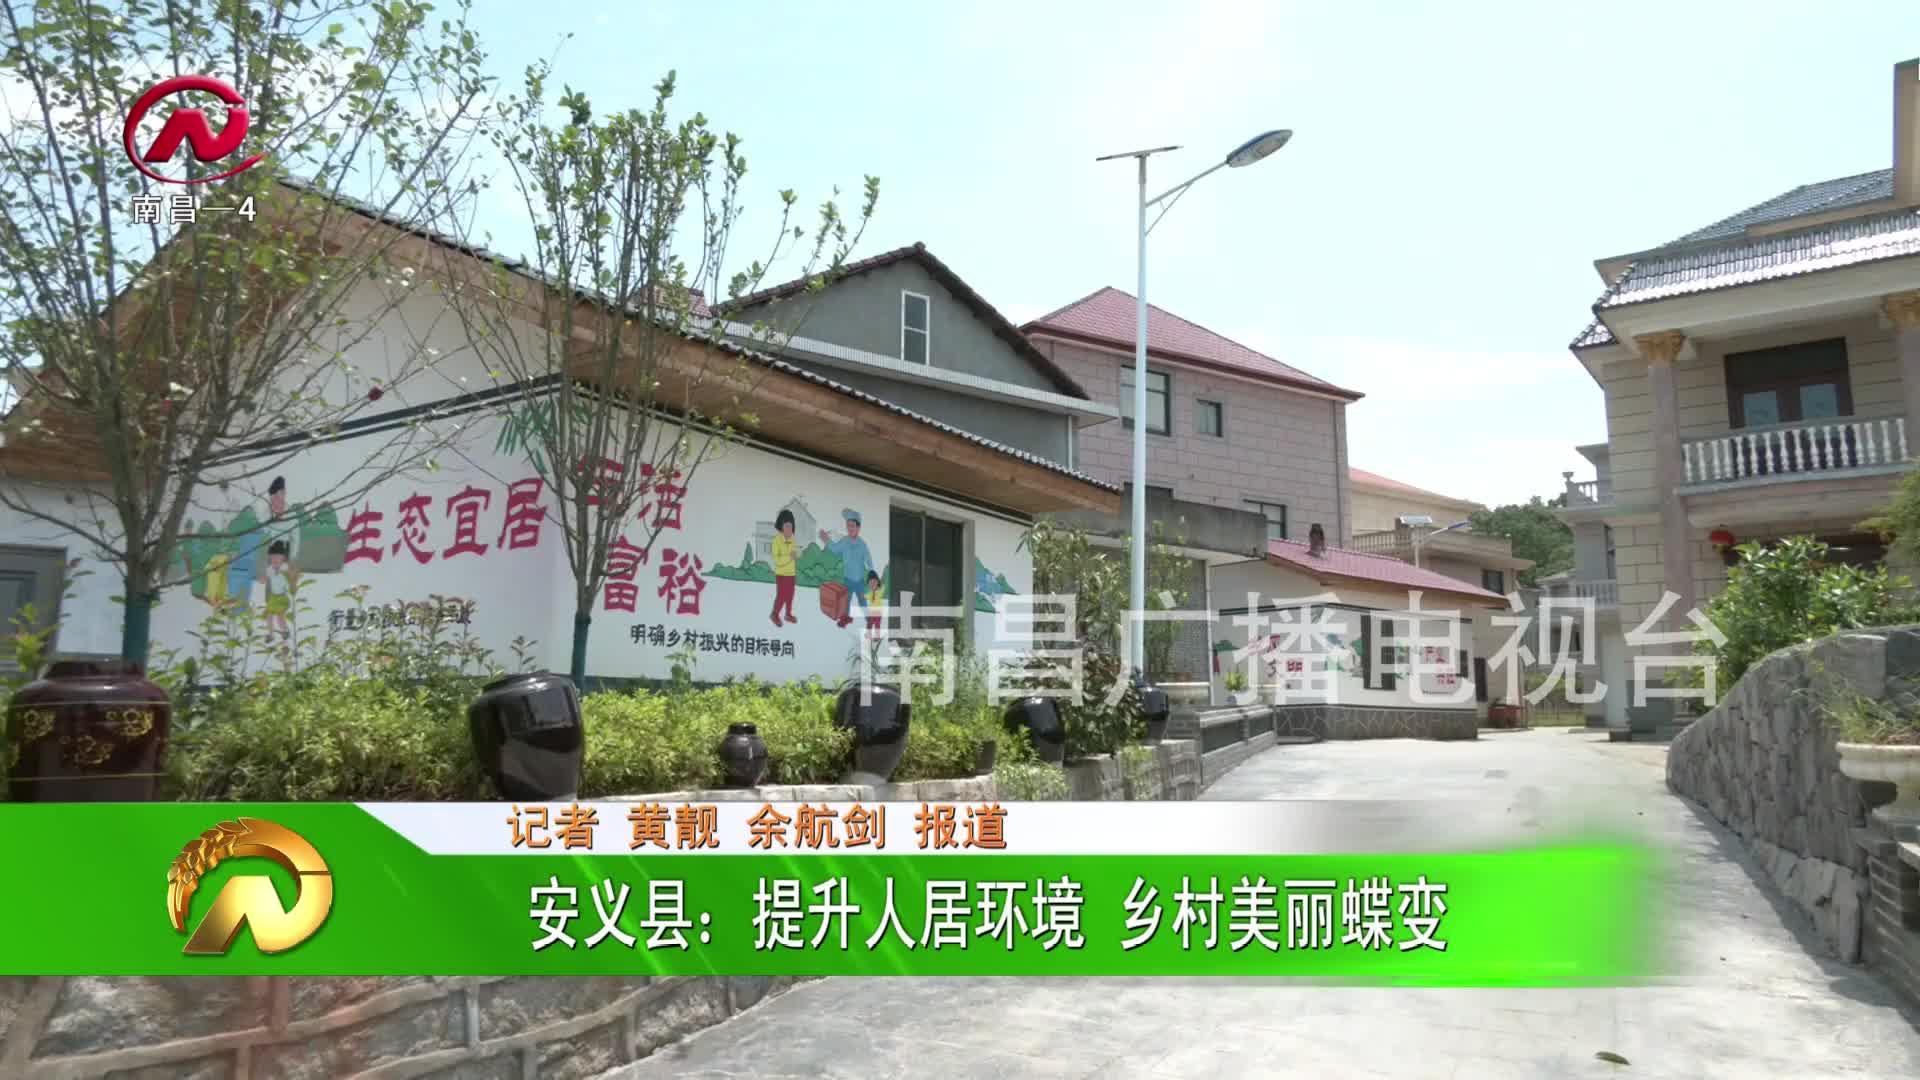 【豫章农视】安义县:提升人居环境 乡村美丽蝶变